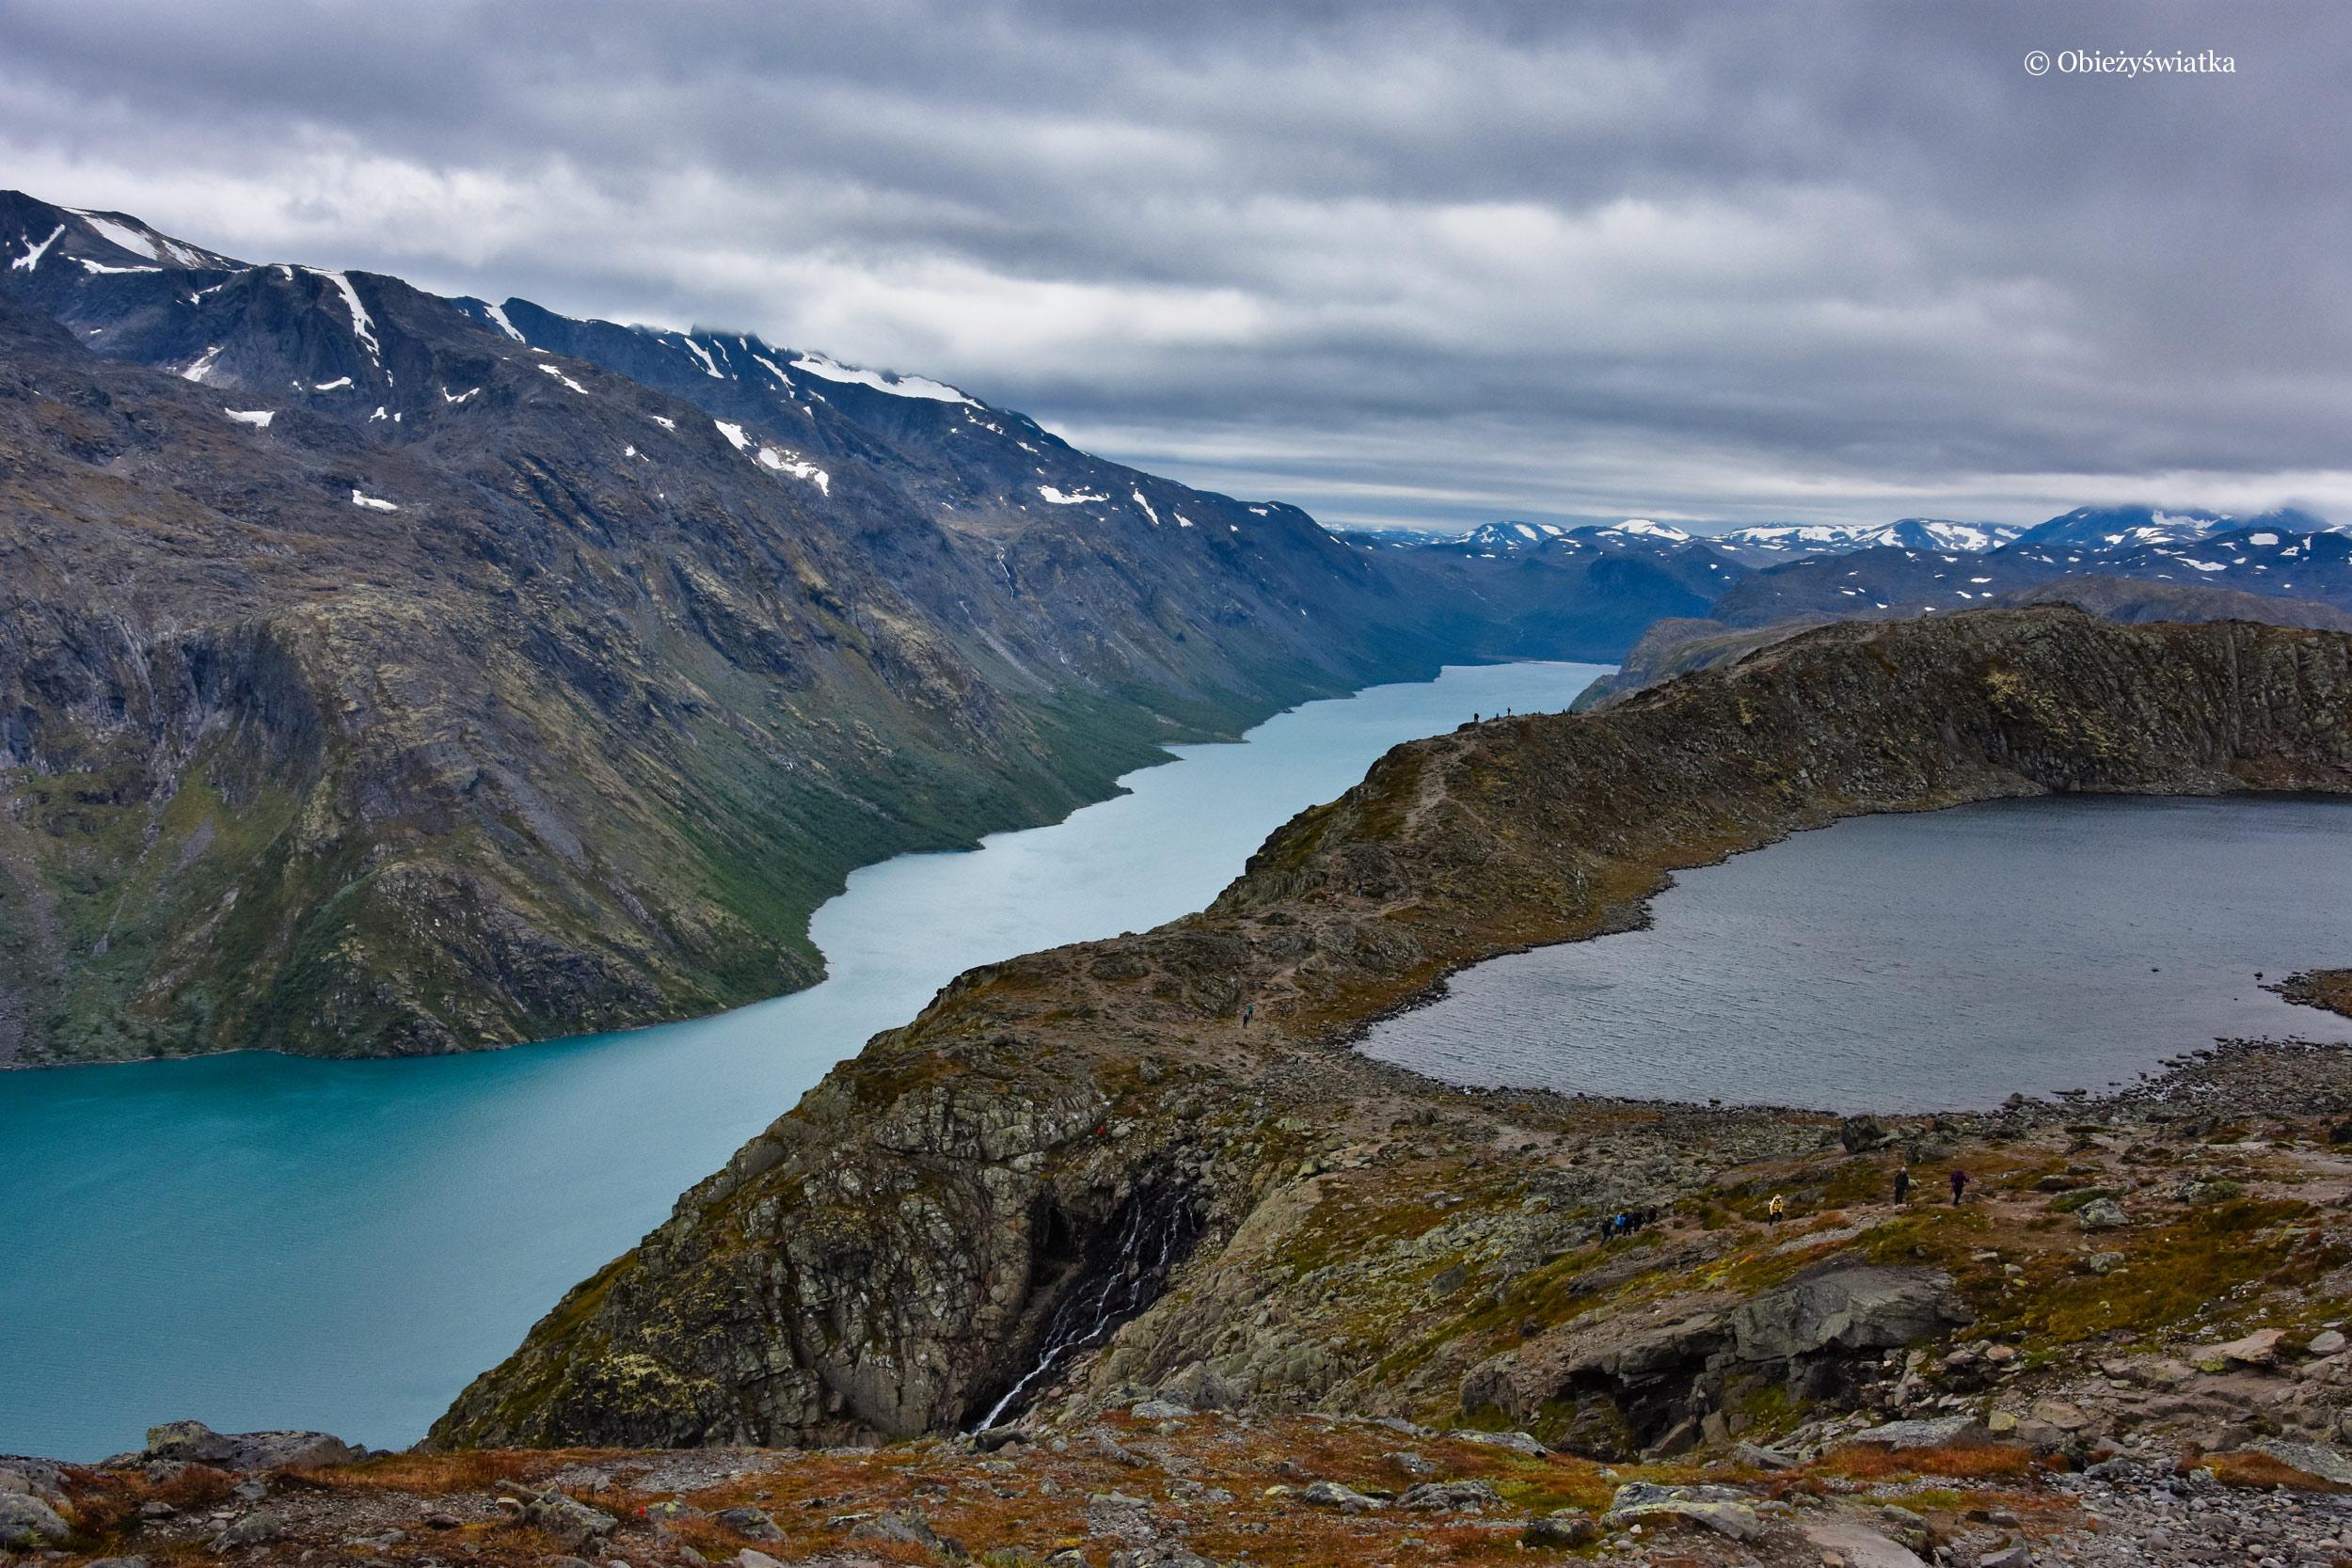 Gjende i Bessvatnet, niebieskie i czarne jezioro